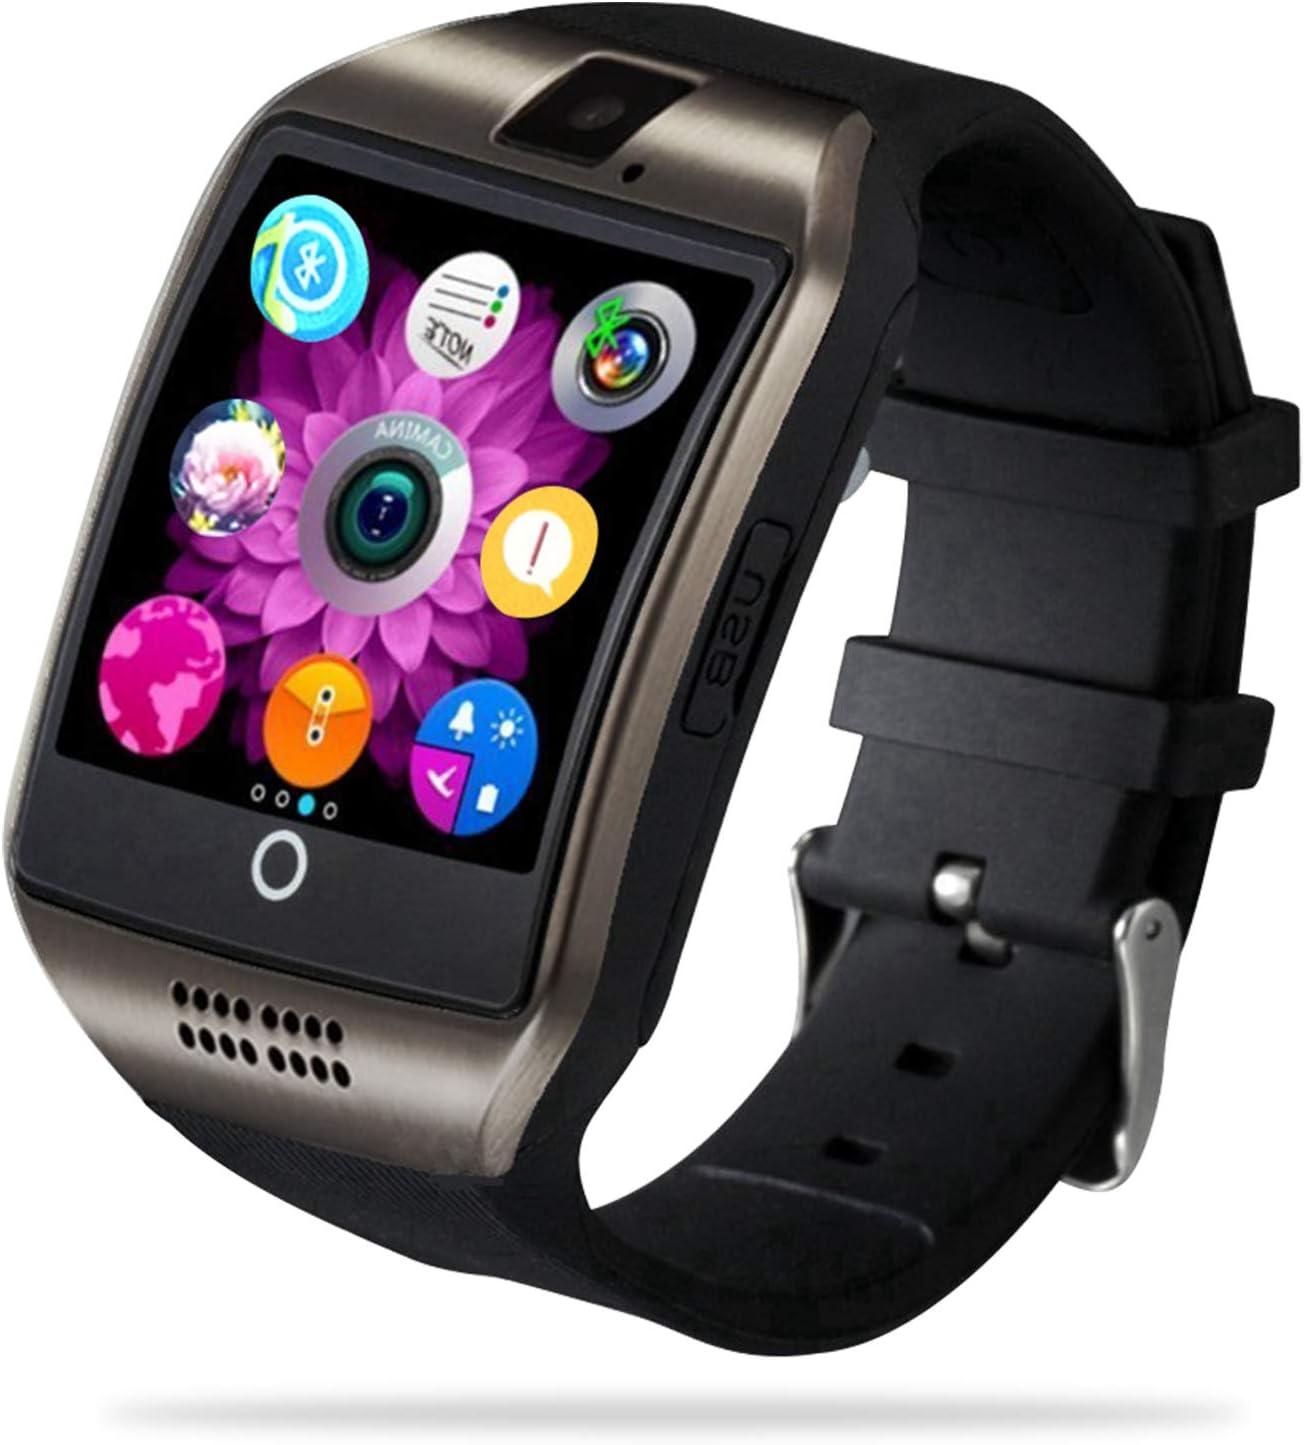 FENHOO Smartwatch, Reloj Inteligente Android con Ranura para Tarjeta SIM para Hombre Mujer niños, Pulsera de Actividad Inteligente para Deporte con Podómetro, Reloj de Fitness con Llamada y Cámara